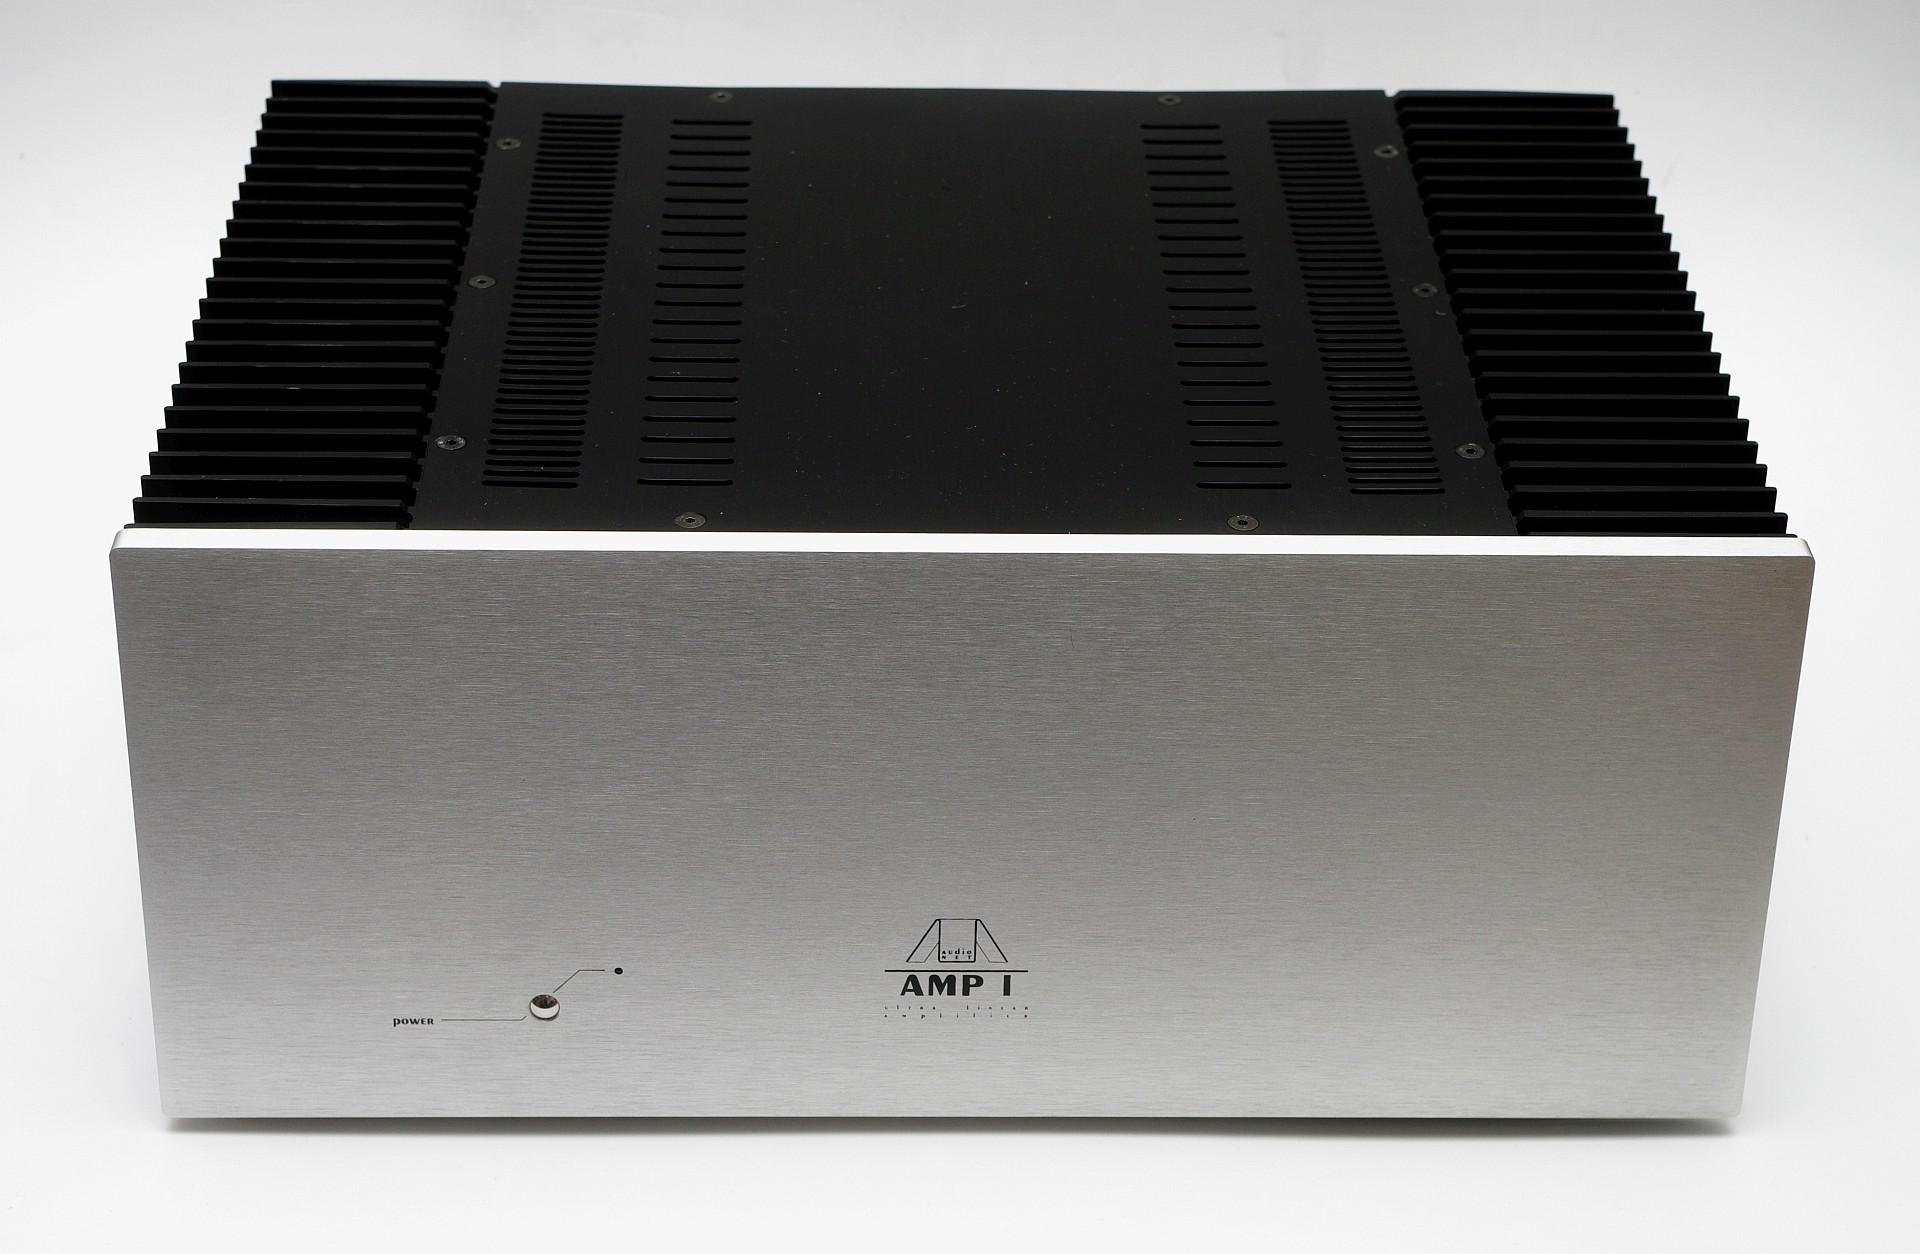 Audionet AMP 1